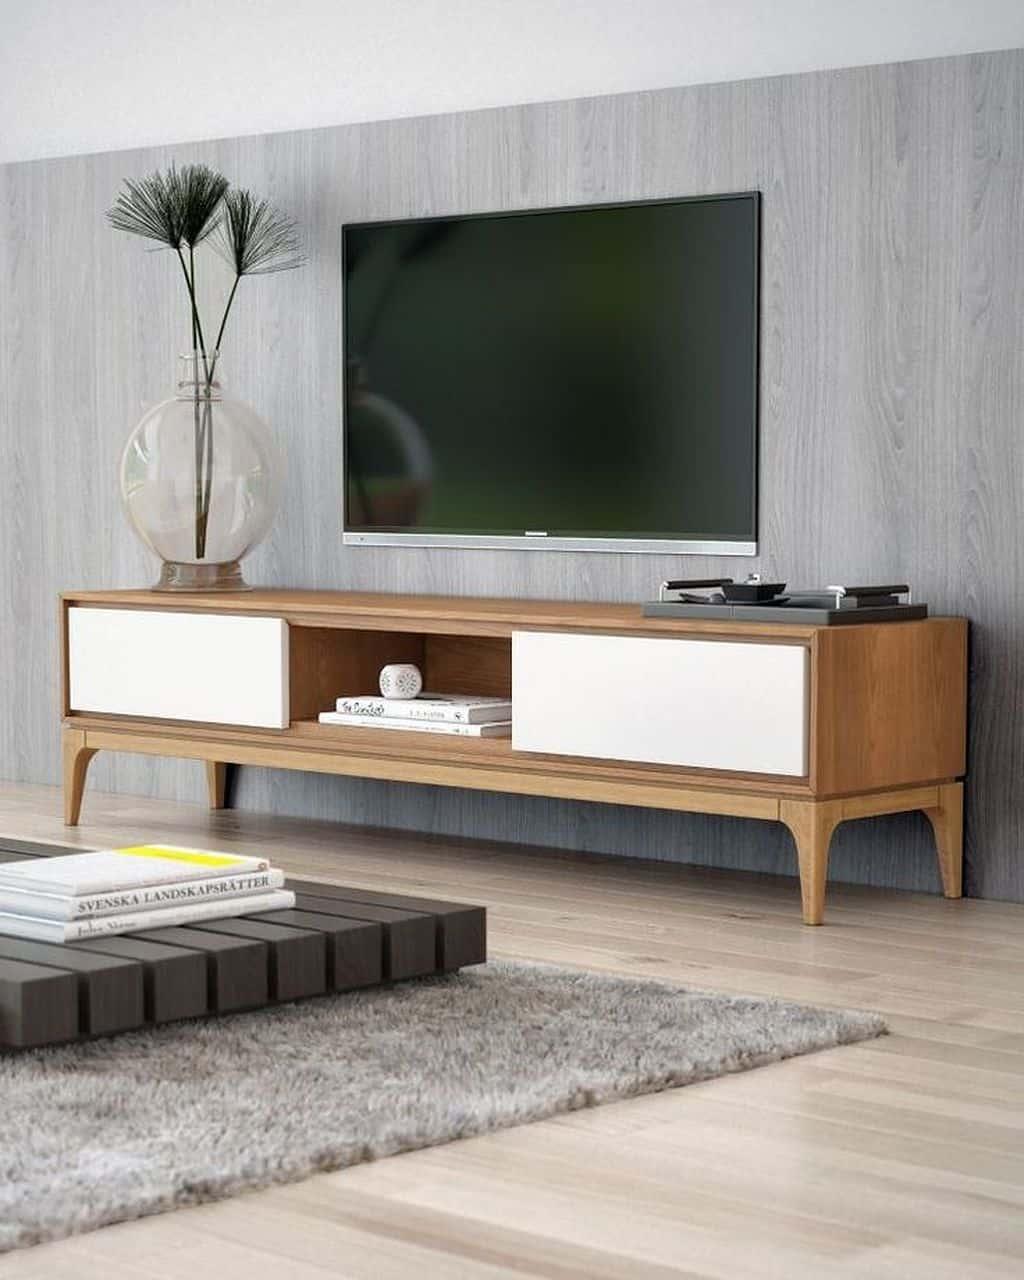 Tv In Small Bedroom : small, bedroom, Bedroom, Design, Solutions:, Ideas